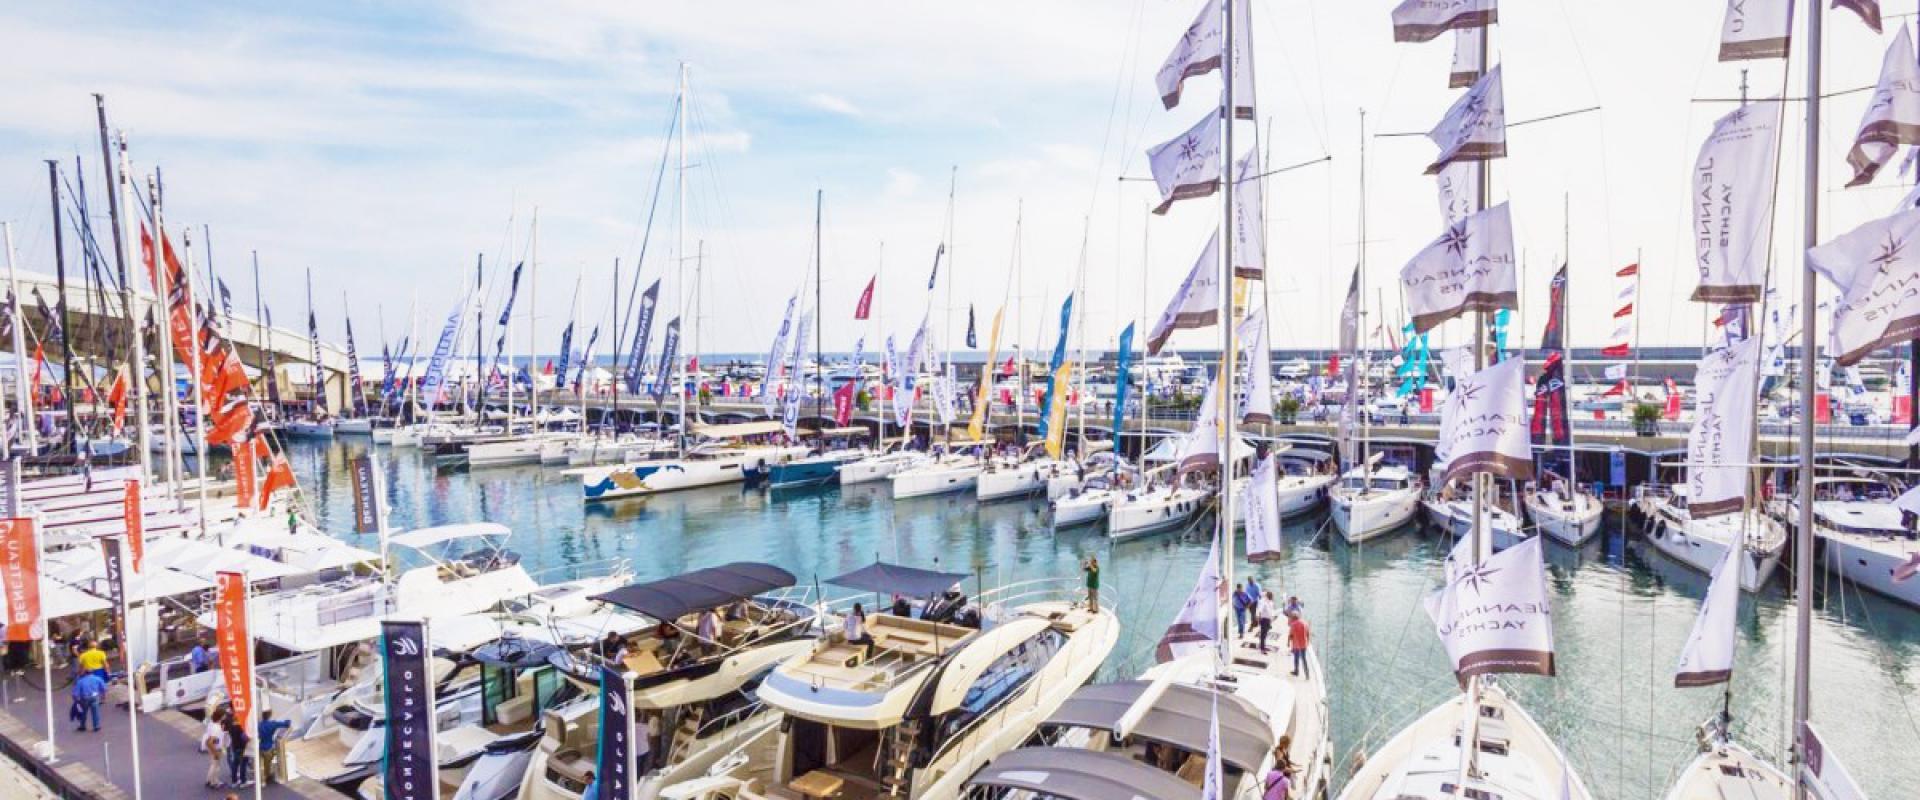 Salone Nautico 2017, alla scoperta delle barche più grandi in esposizione-itok=u2YfCV3G.jpg